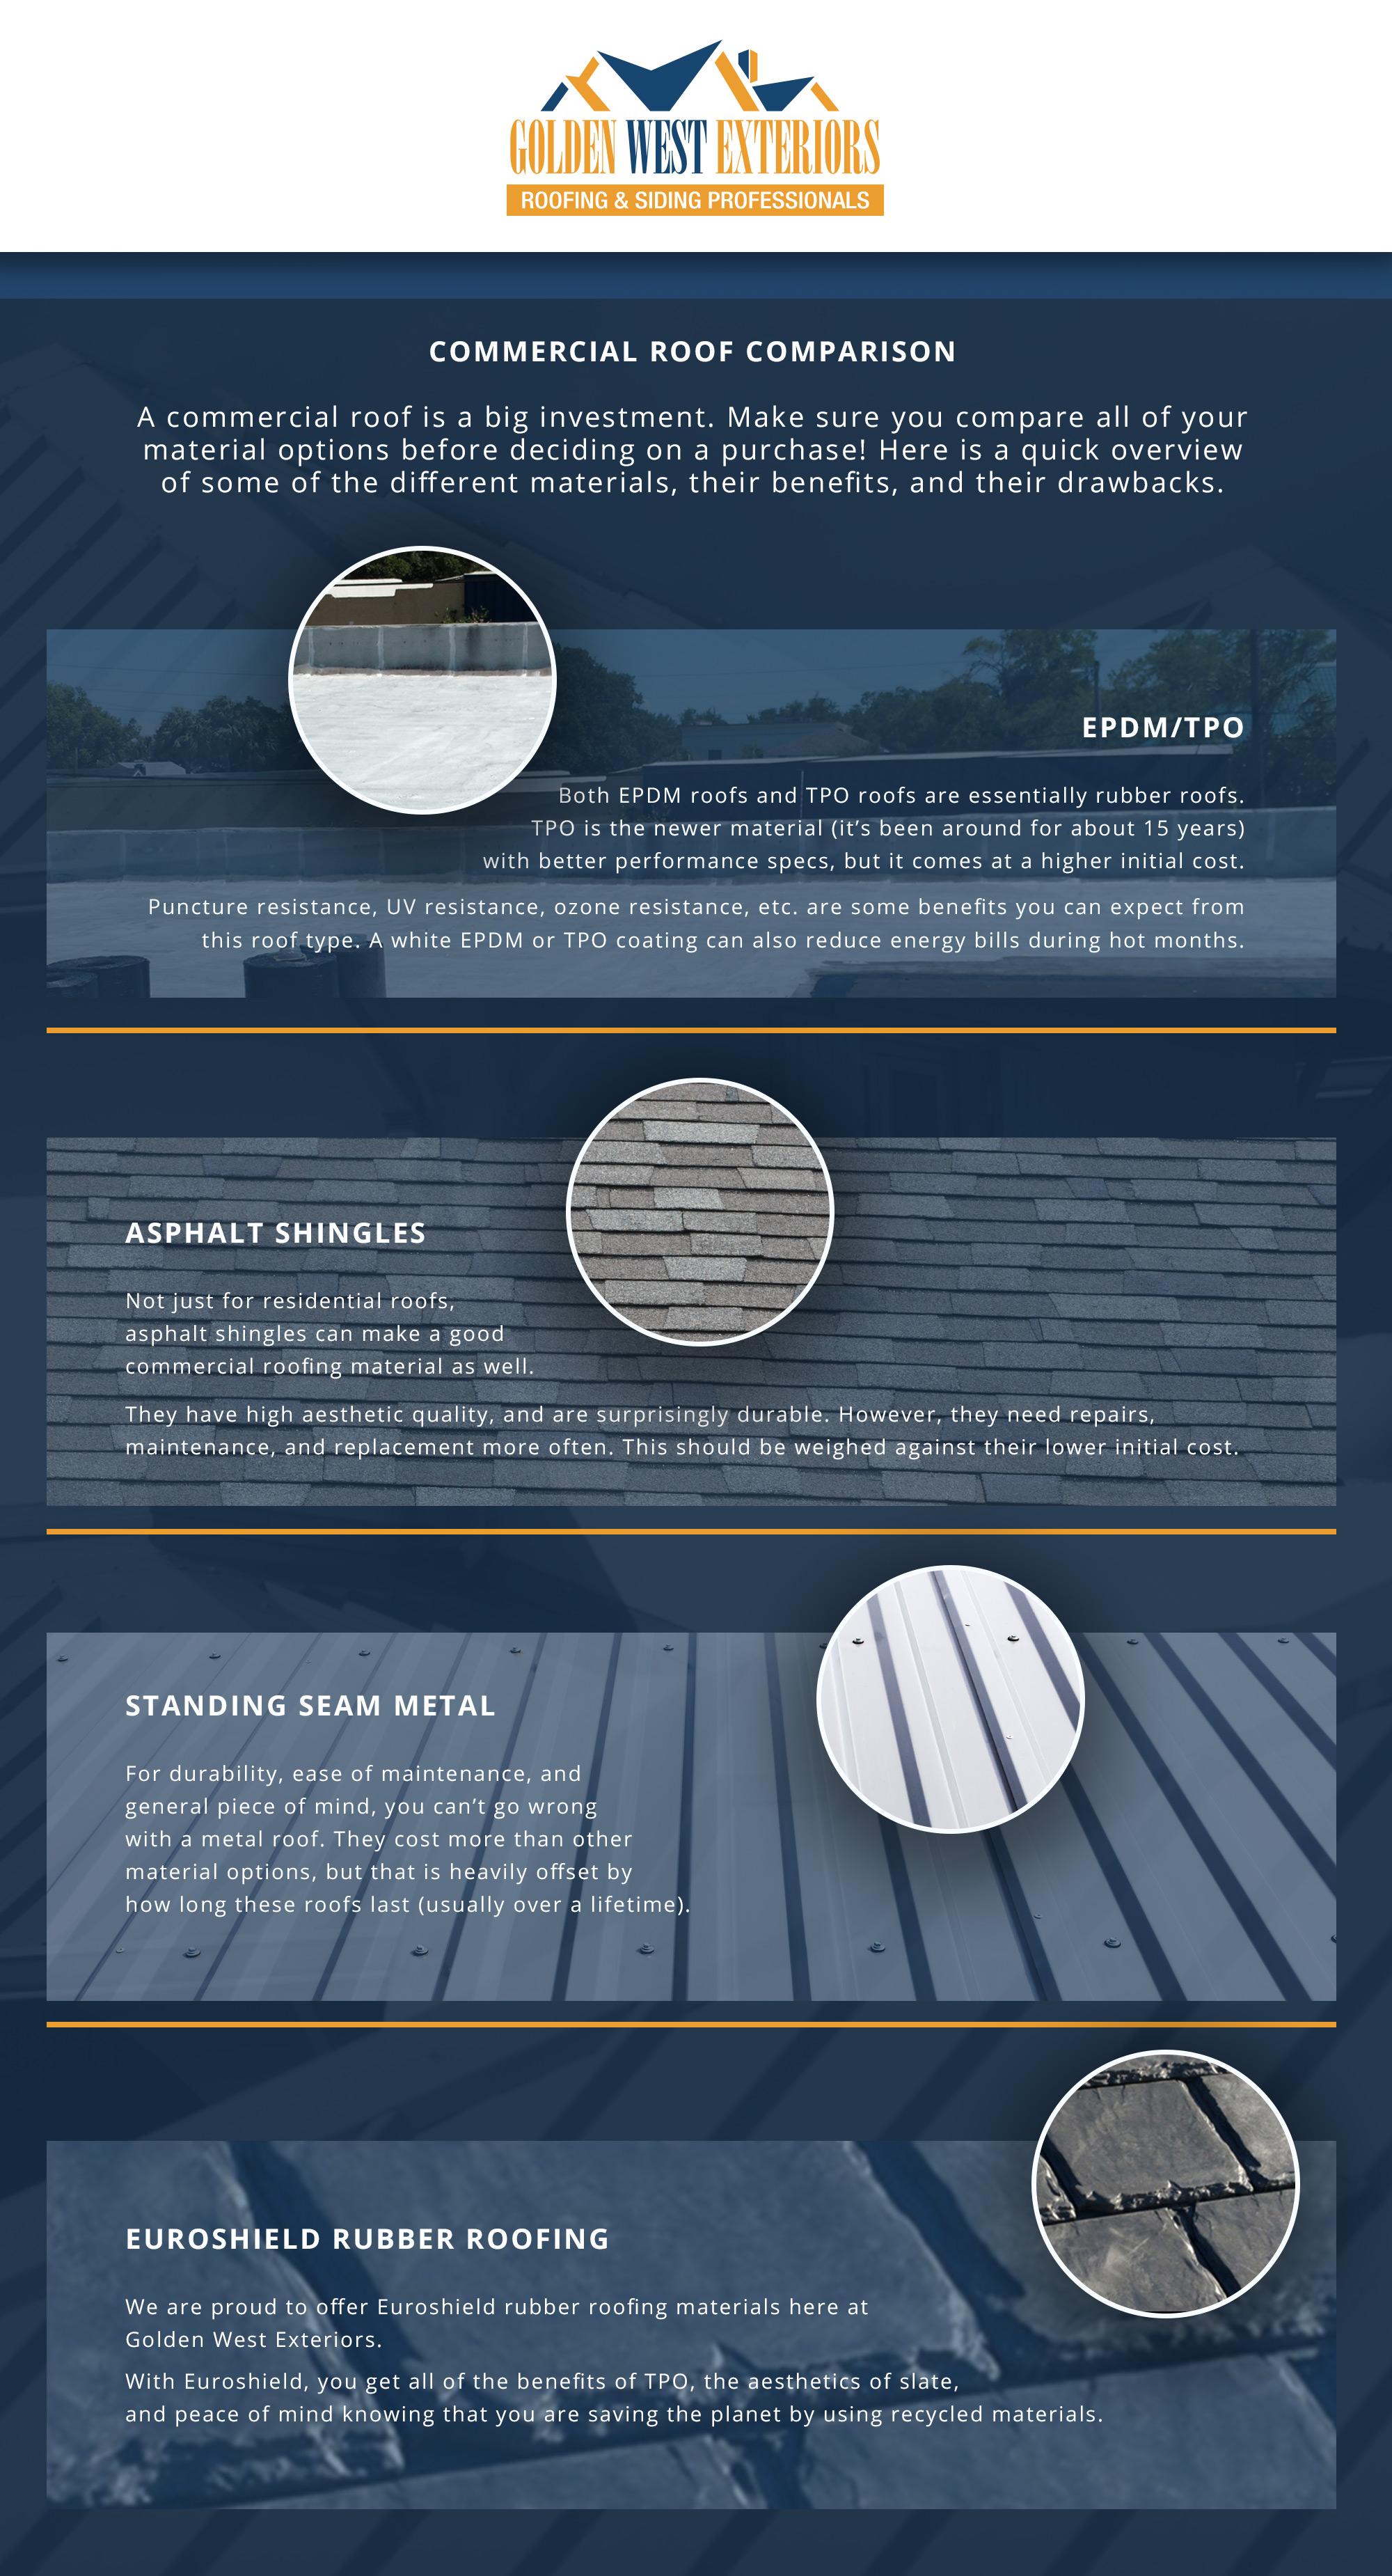 Commercial Roof Comparison